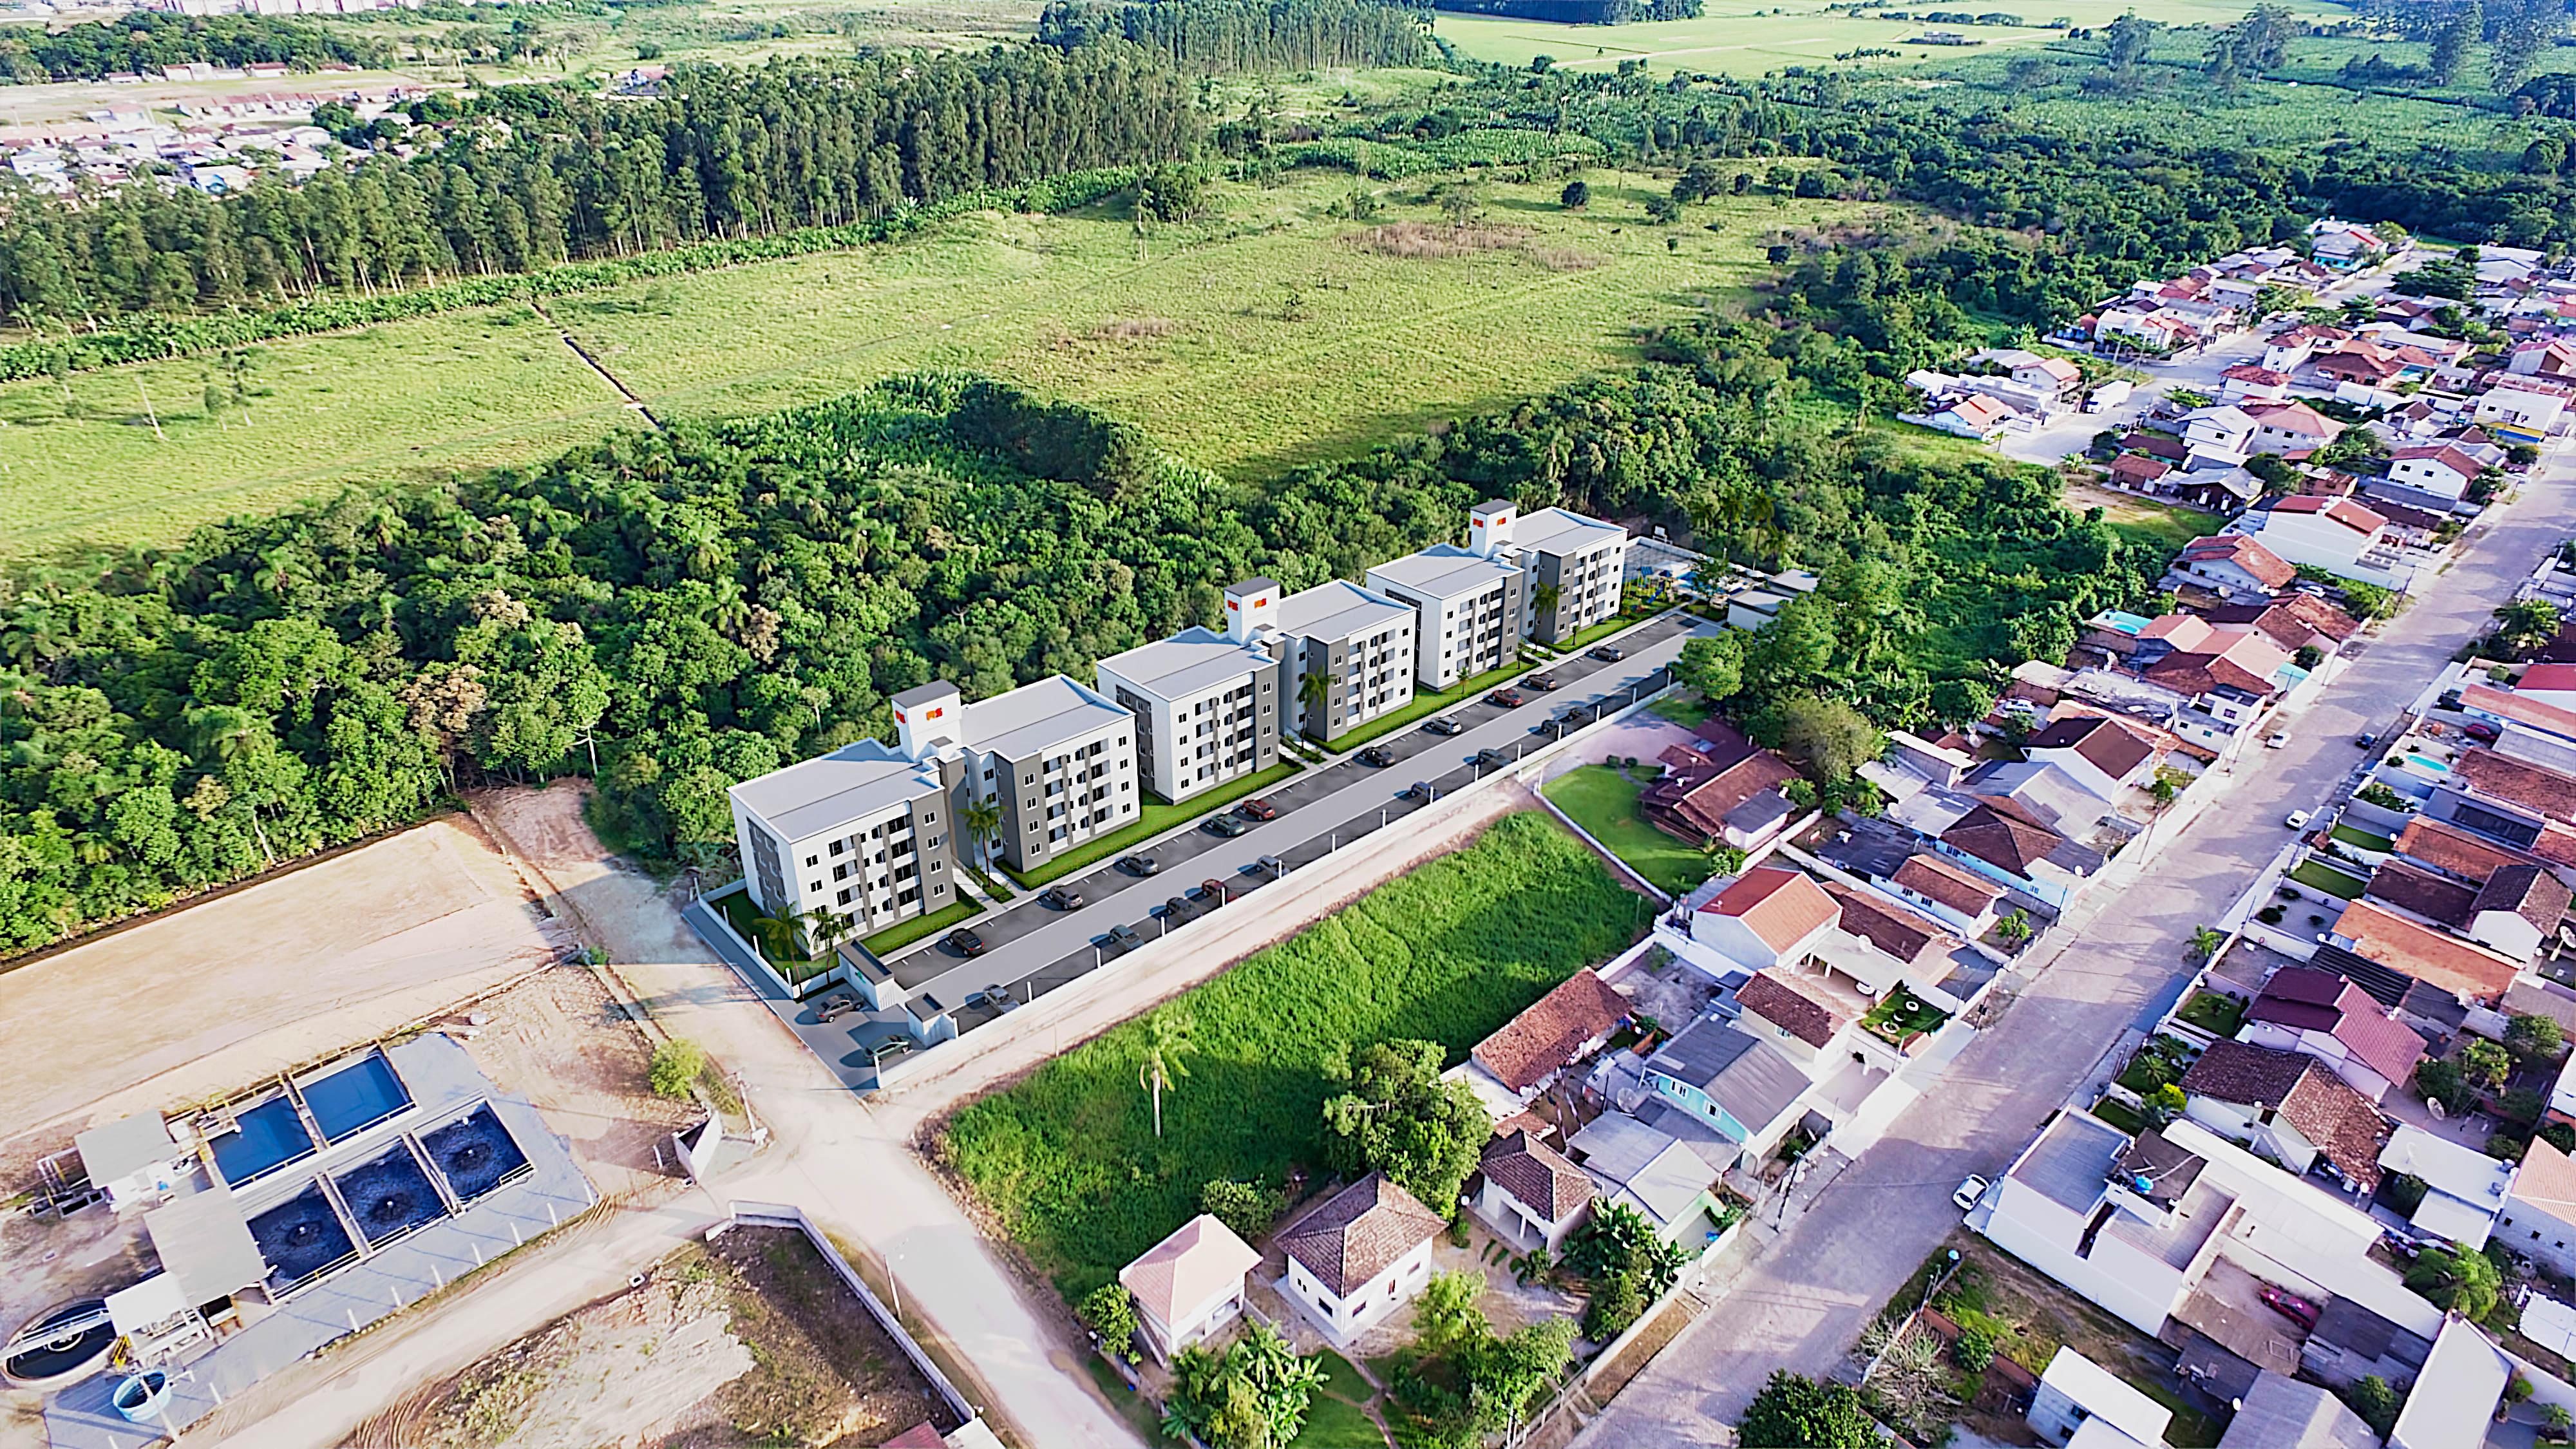 village figueira